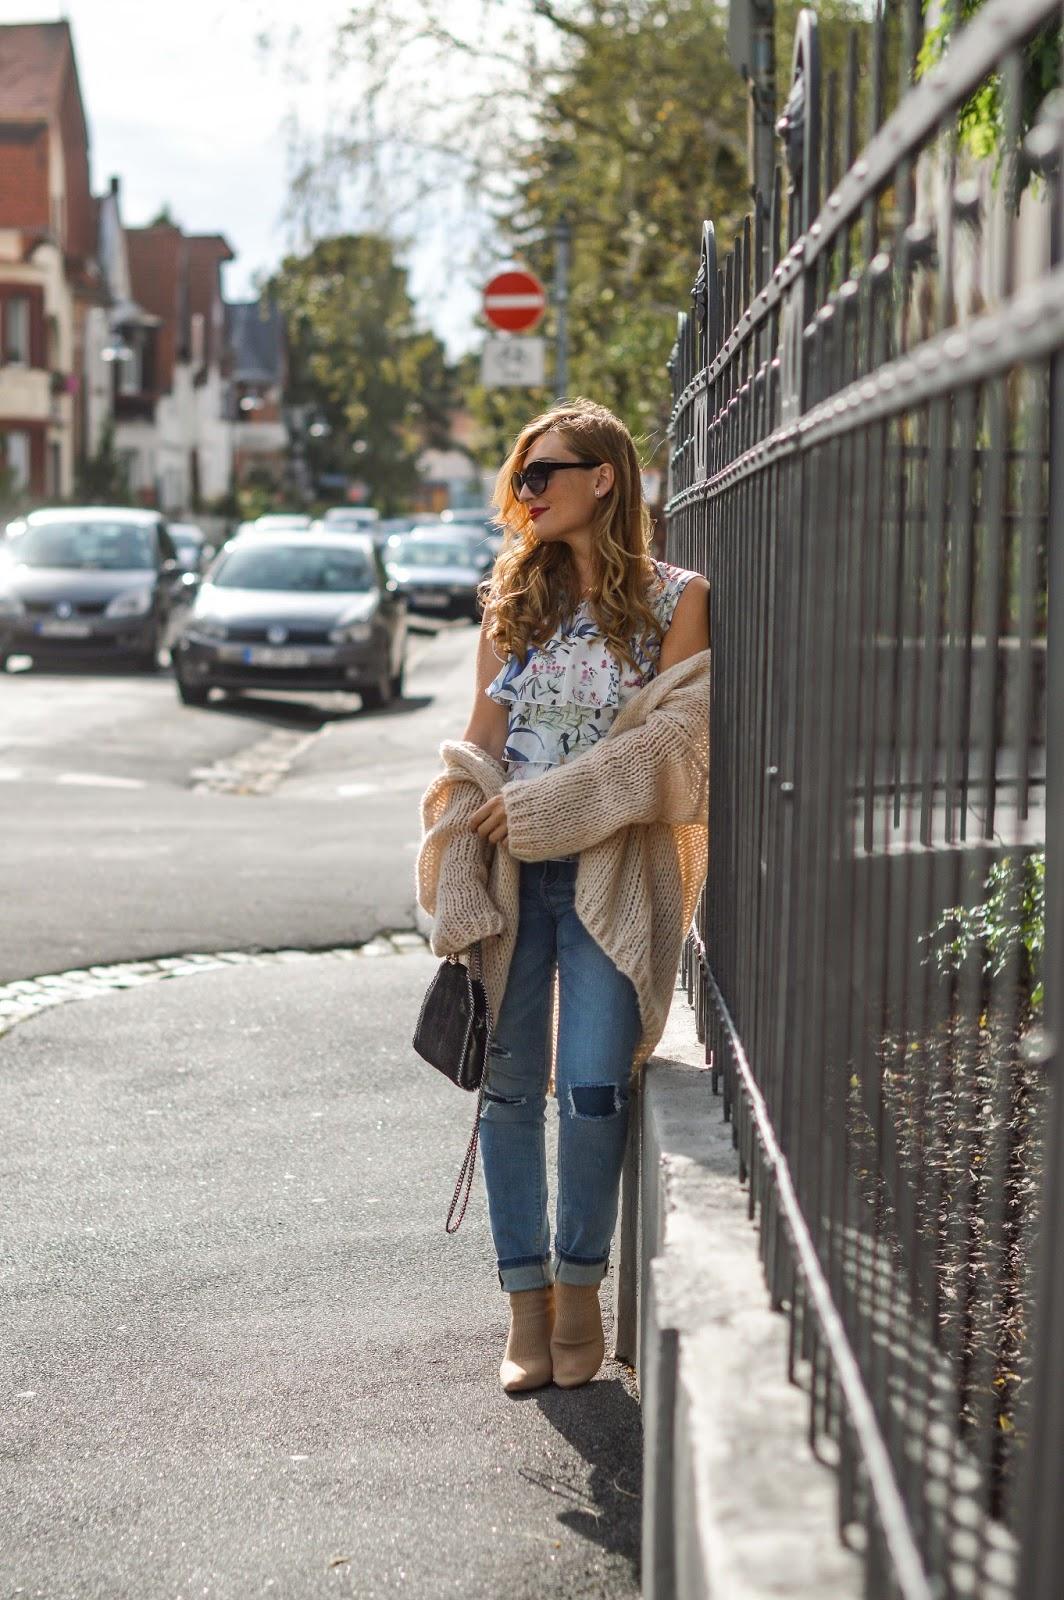 Fashionblogger-aus-deutschland-deutsche-blogger-fashionstylebyjohanna